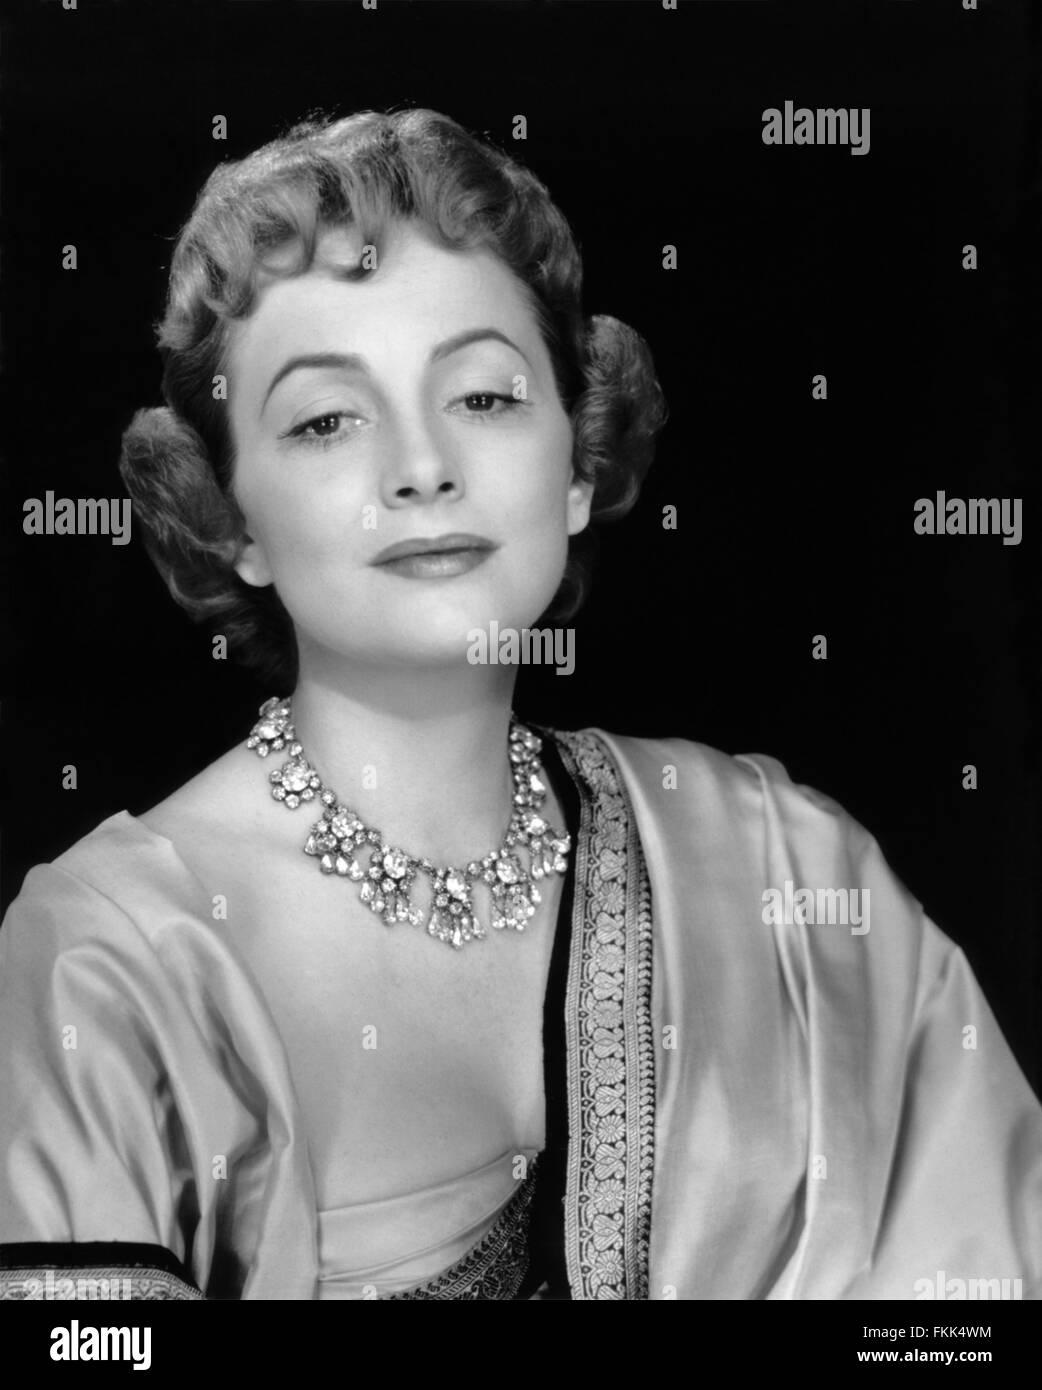 Portrait of de Havilland Olivia - Stock Image